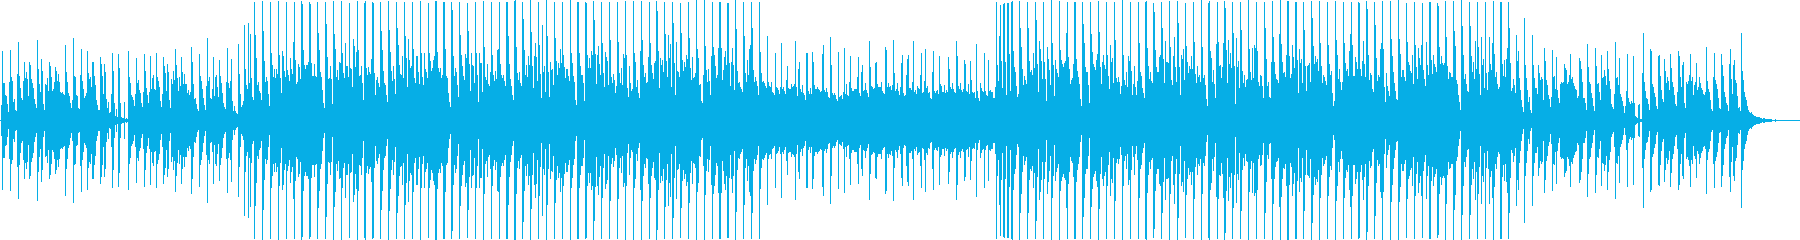 手拍子でノレる明るいEDMの再生済みの波形